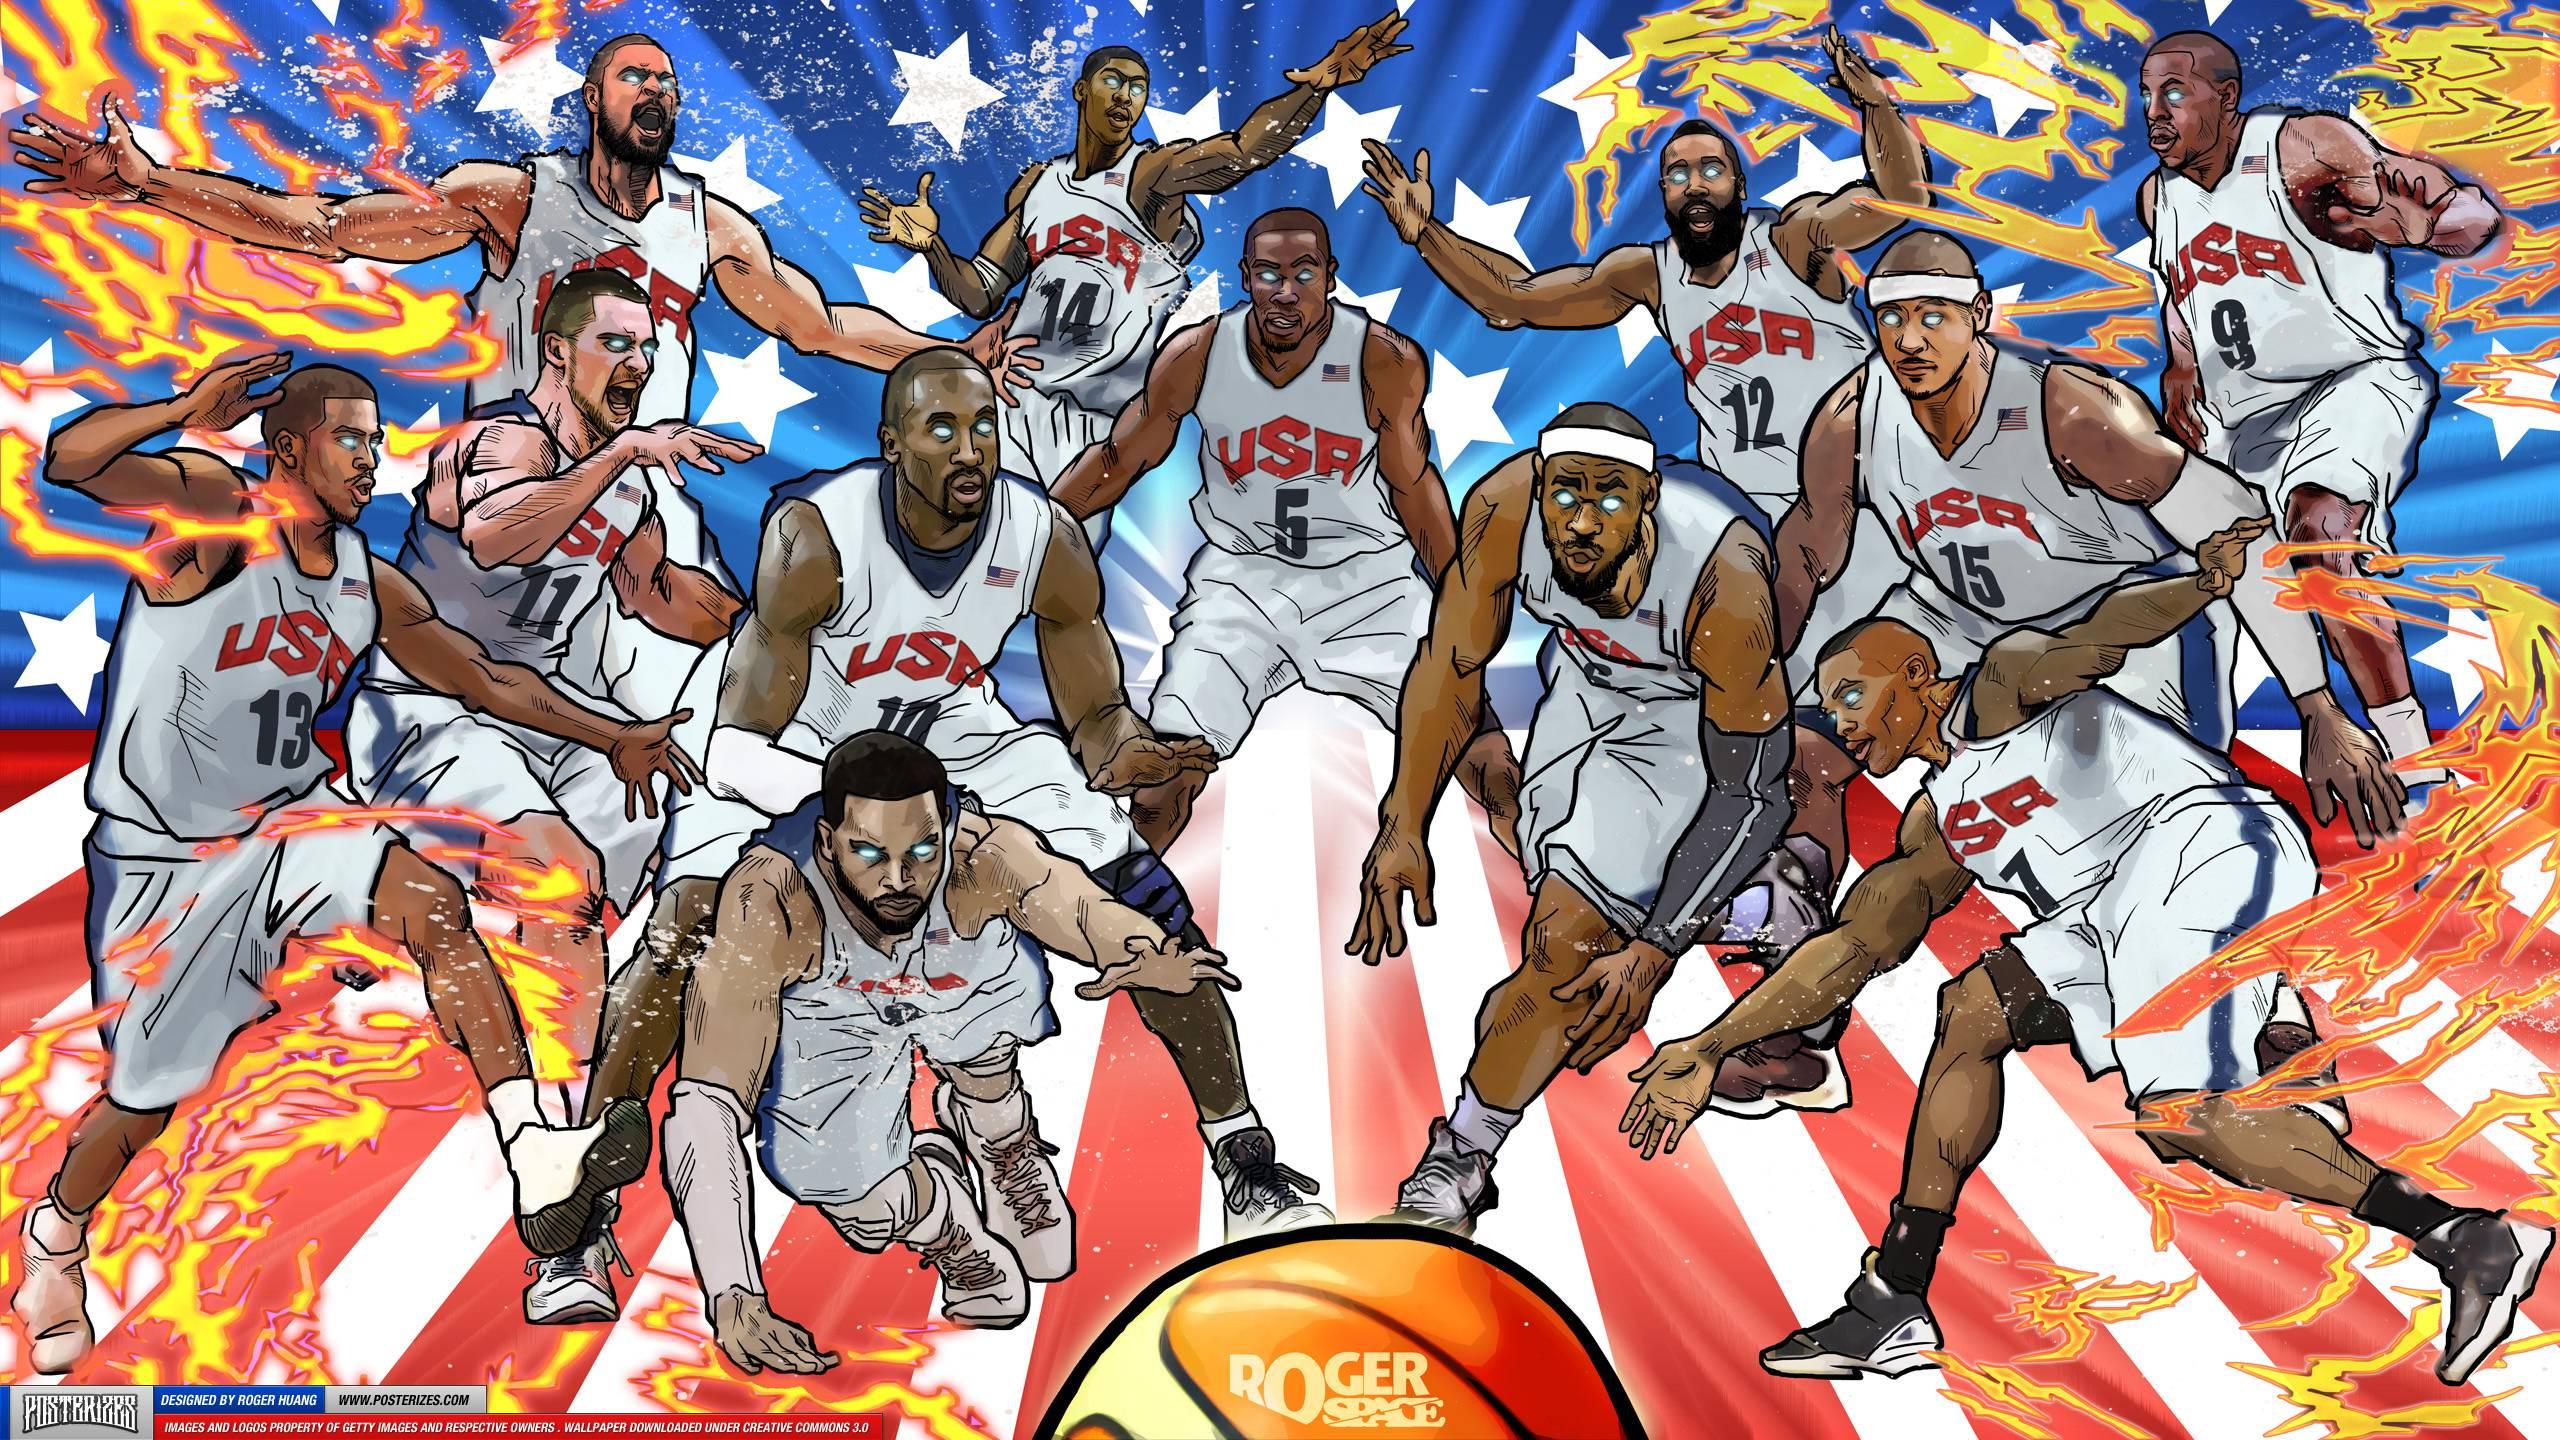 Nba Basketball Wallpapers 2015 2560x1440